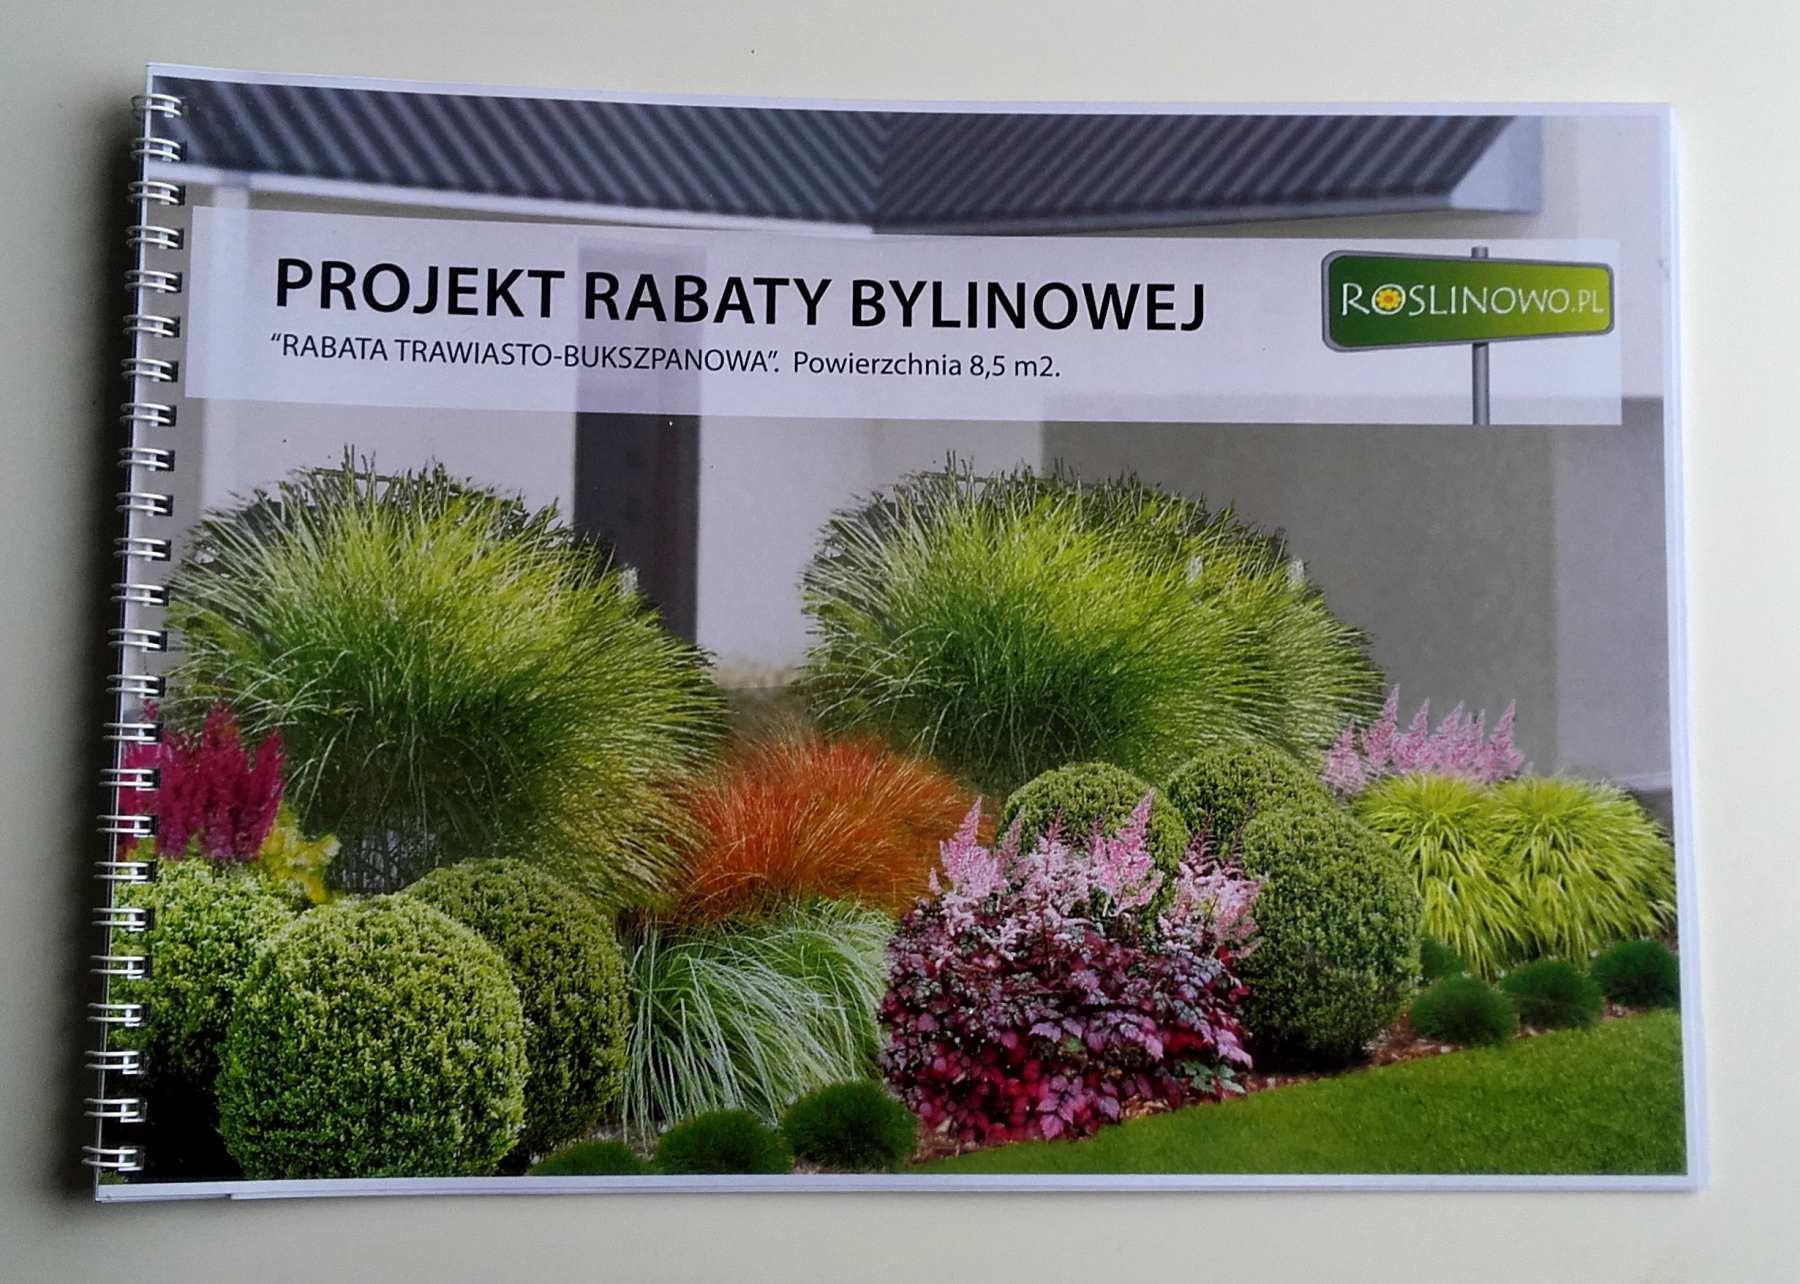 Gotowy projekt rabaty trawiasto - bukspzanowej